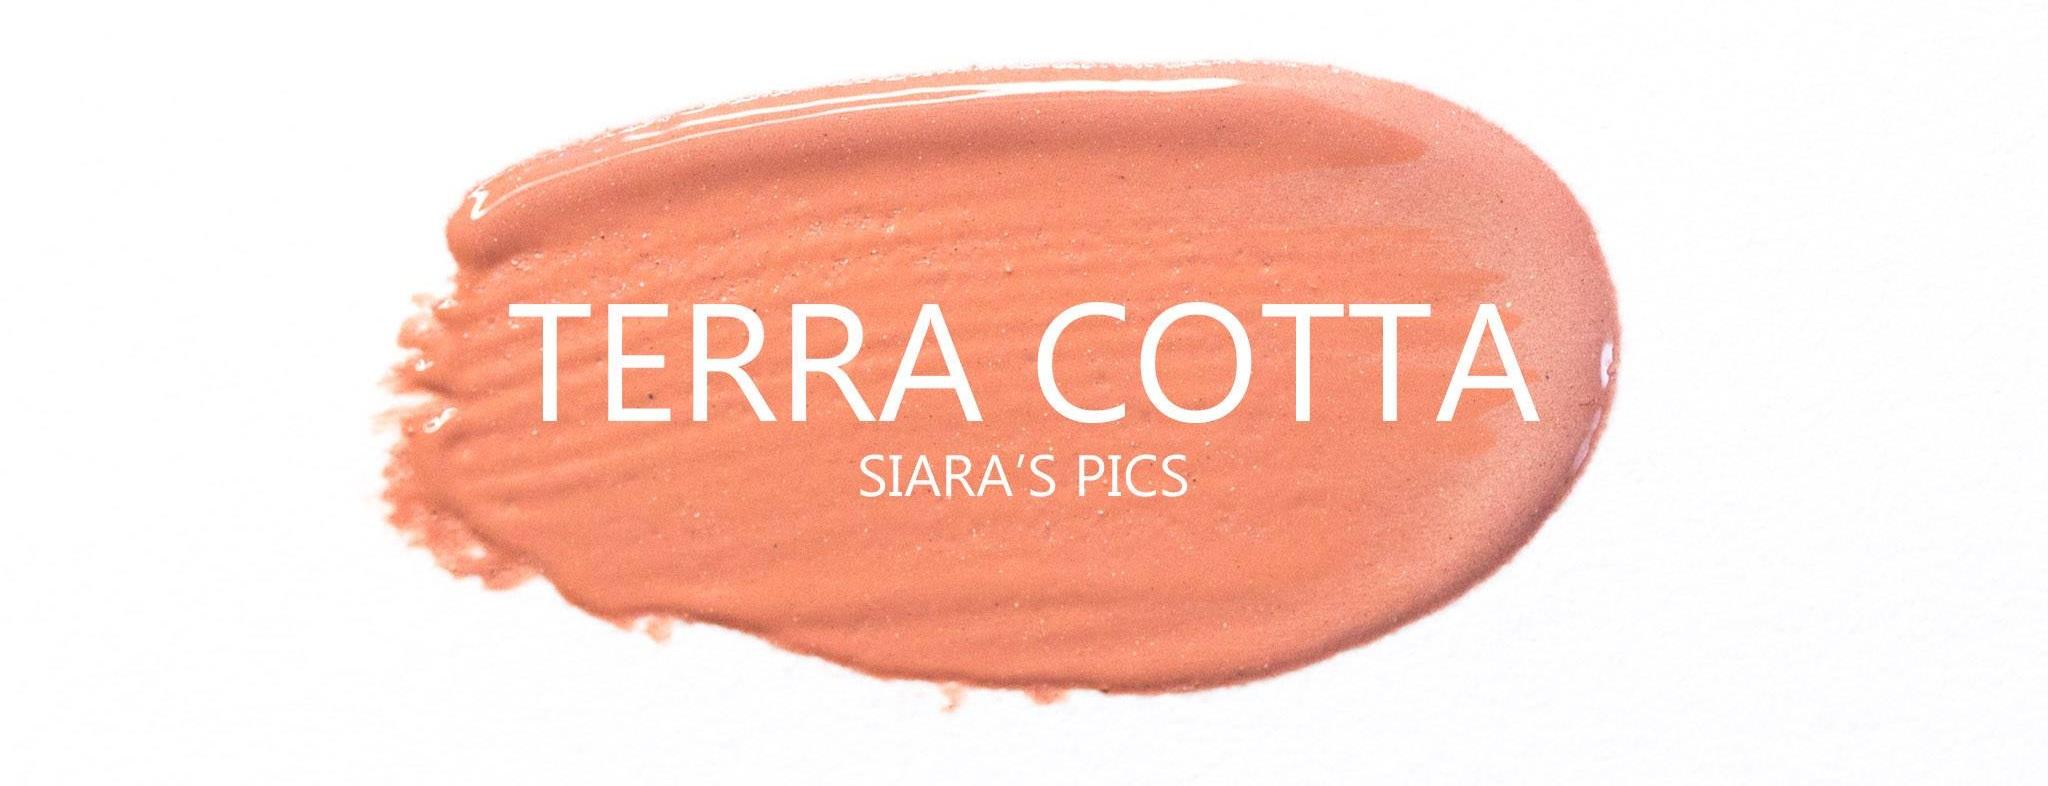 Terra Cotta Blush